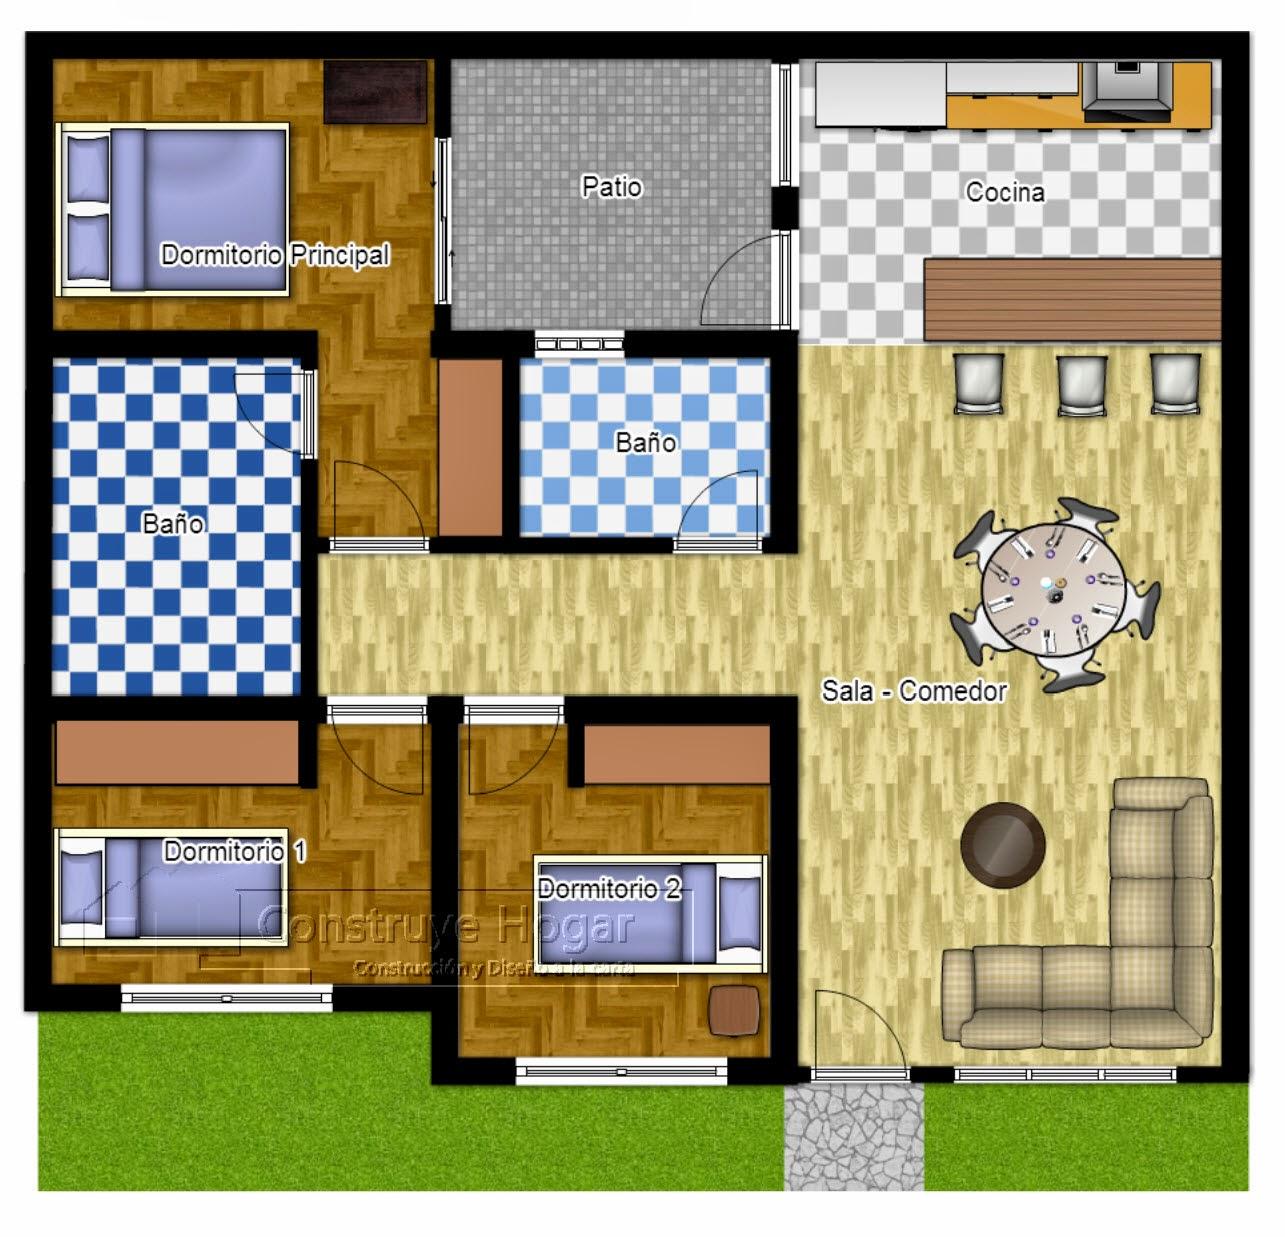 70 Desain Rumah Minimalis Ukuran 6x15 1 Lantai